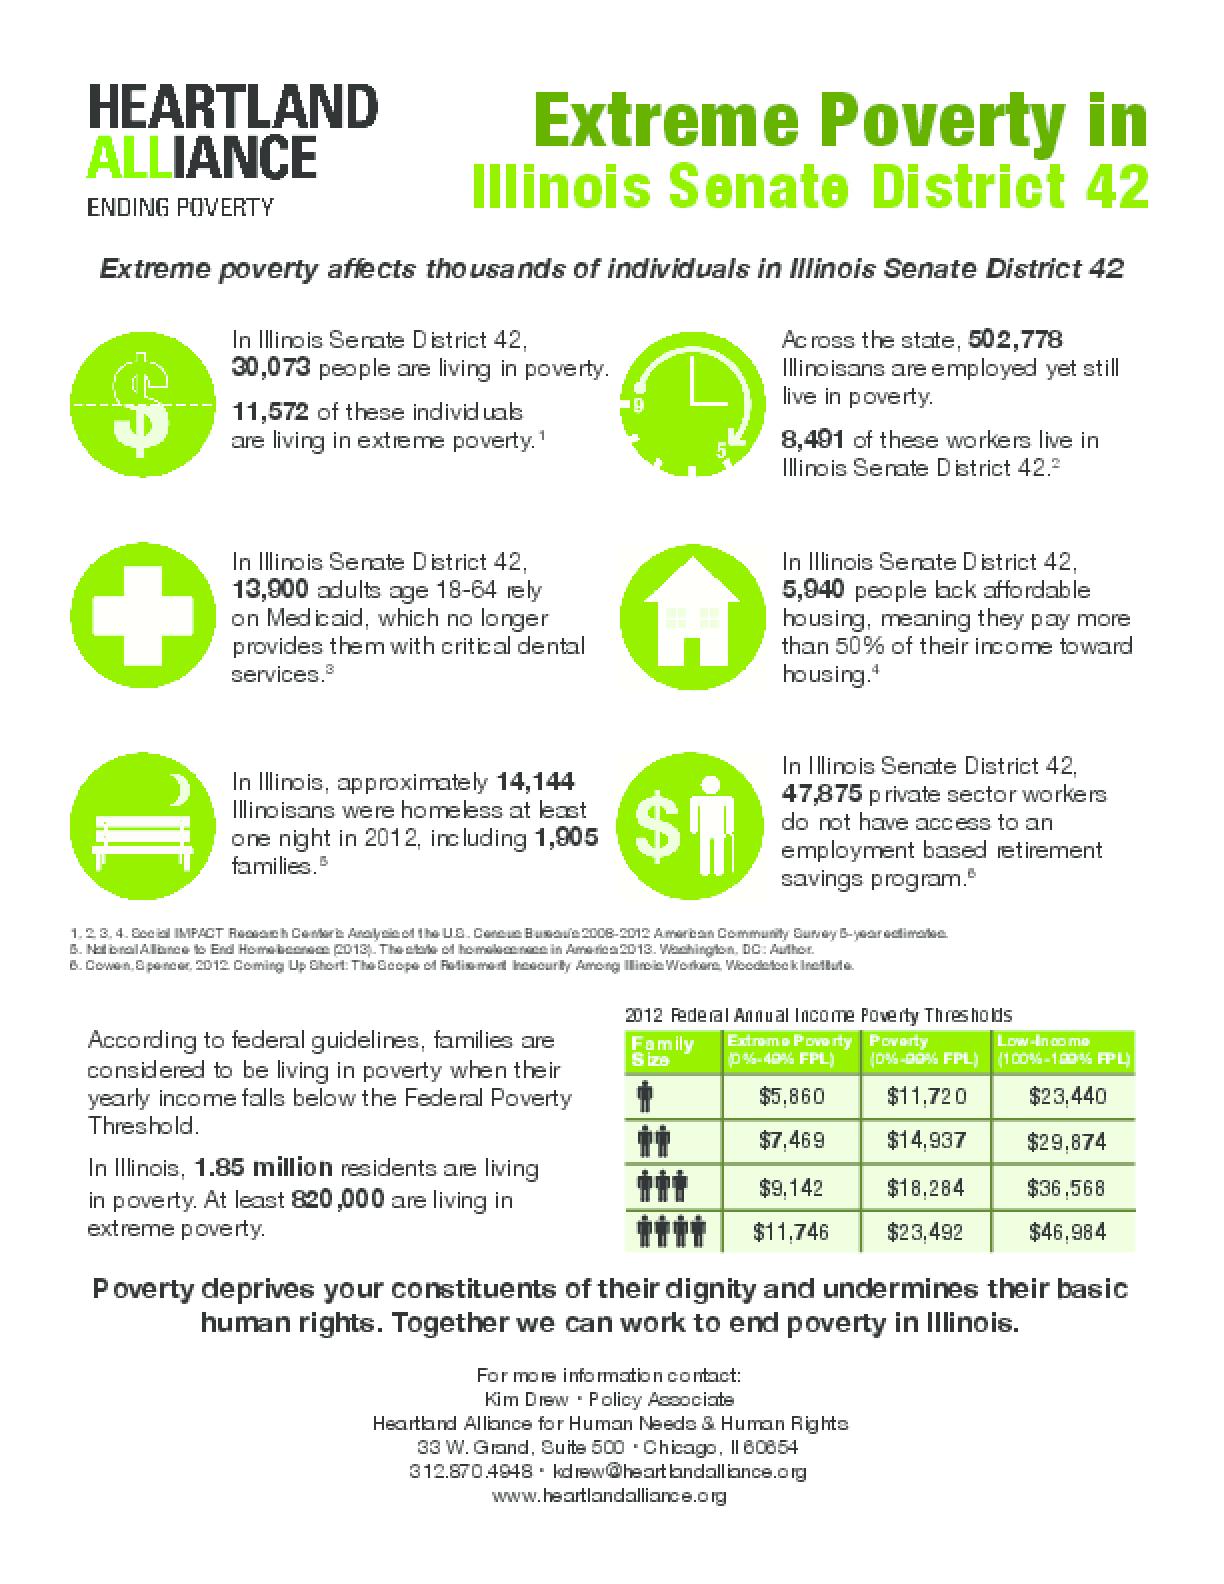 Poverty Fact Sheet for Illinois Senate District 42